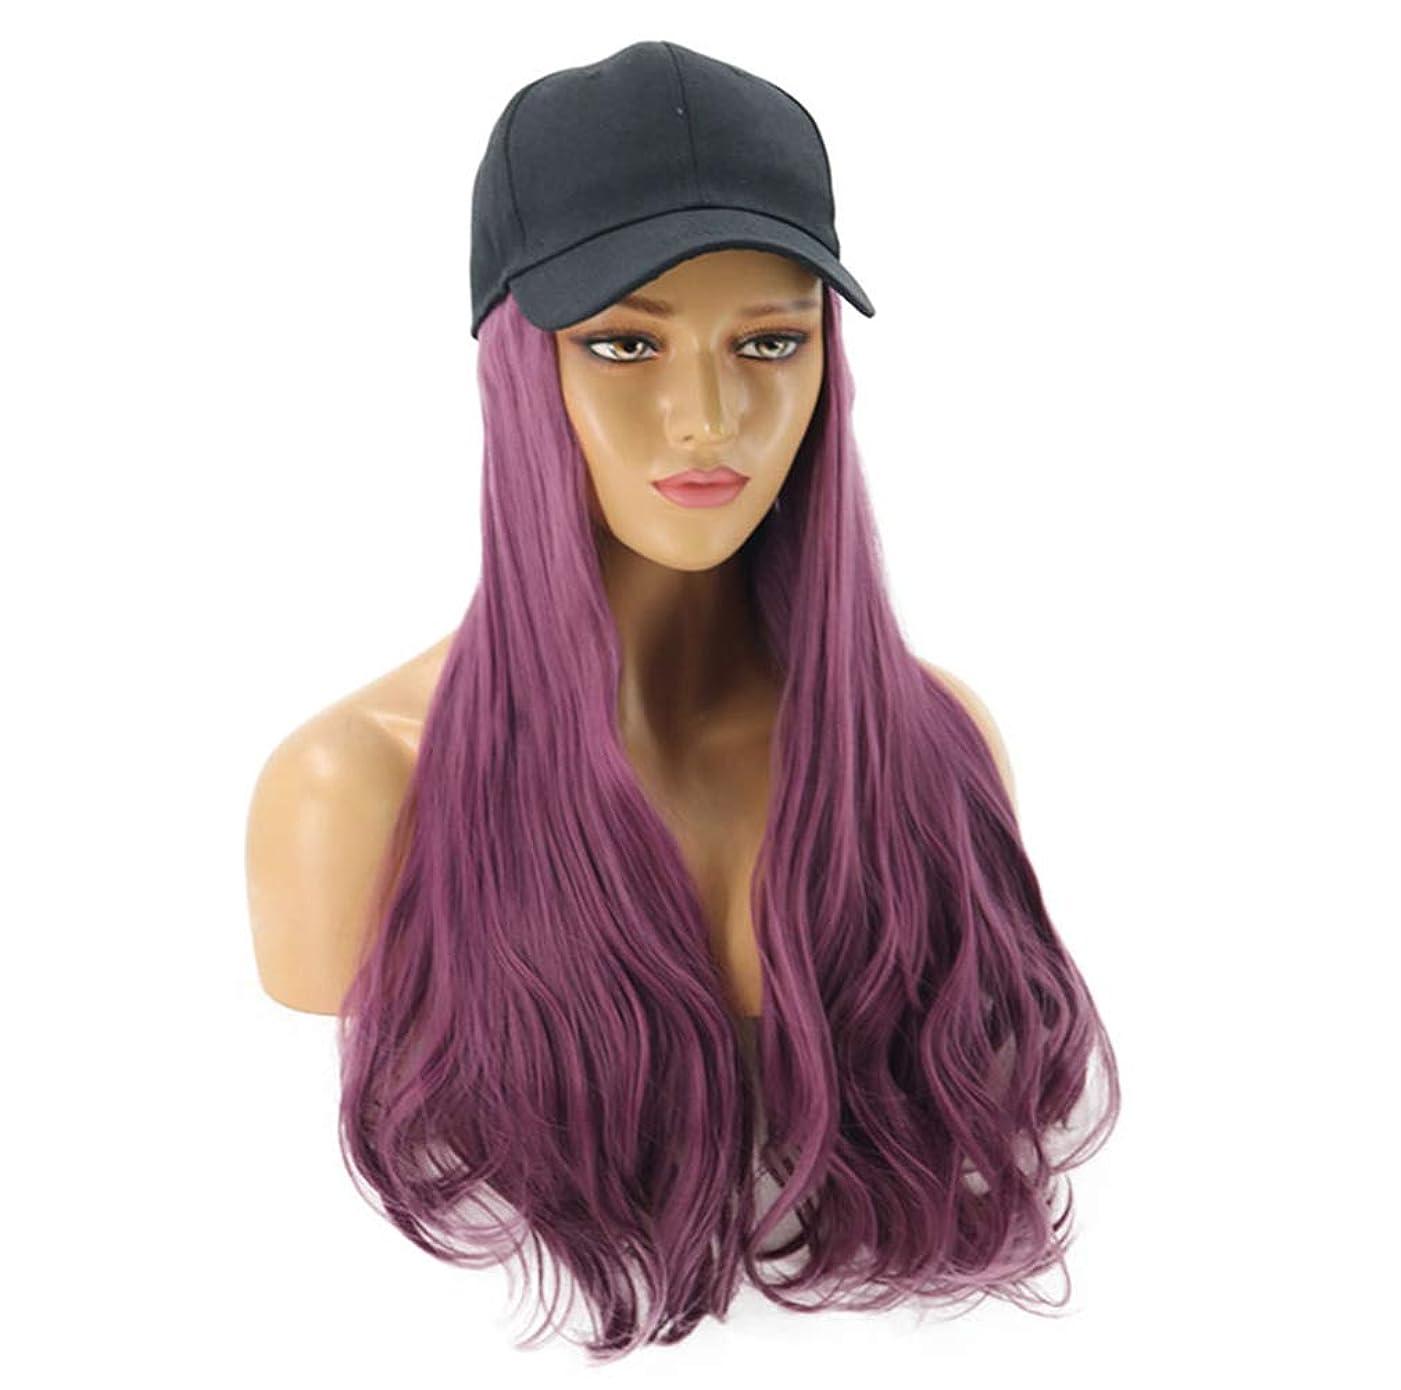 同情的同時北女性の野球帽、ヘアエクステンション付き毎日のパーティー用の長い波状のワンピースヘアエクステンション付きの黒い帽子が付いた自然な人工毛